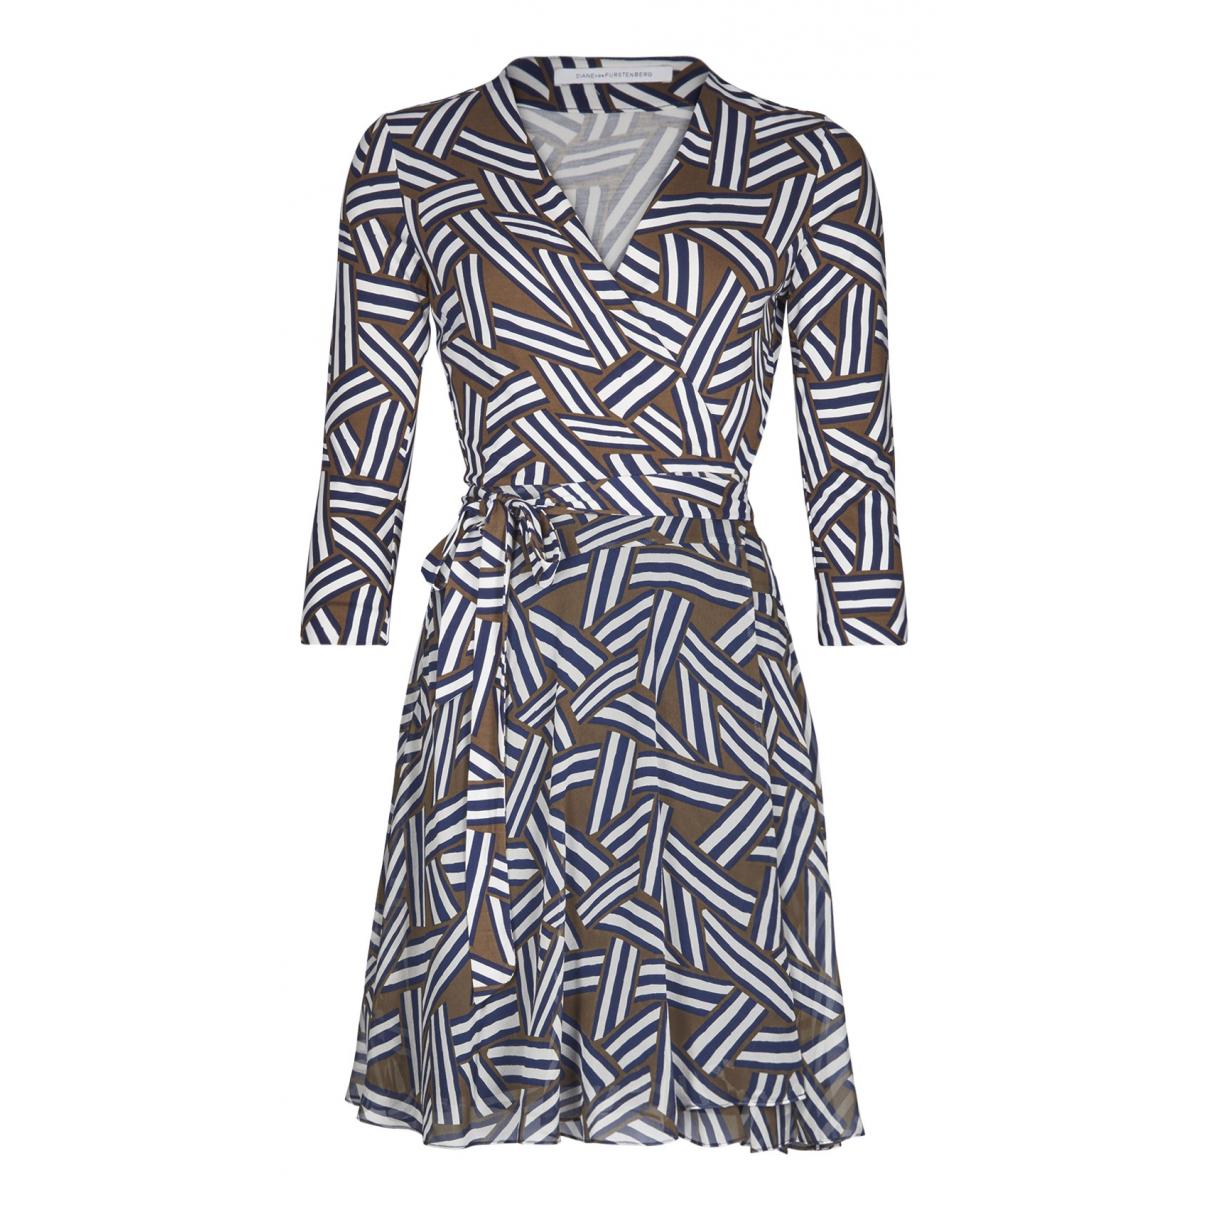 Diane Von Furstenberg N Multicolour Cotton dress for Women 10 UK